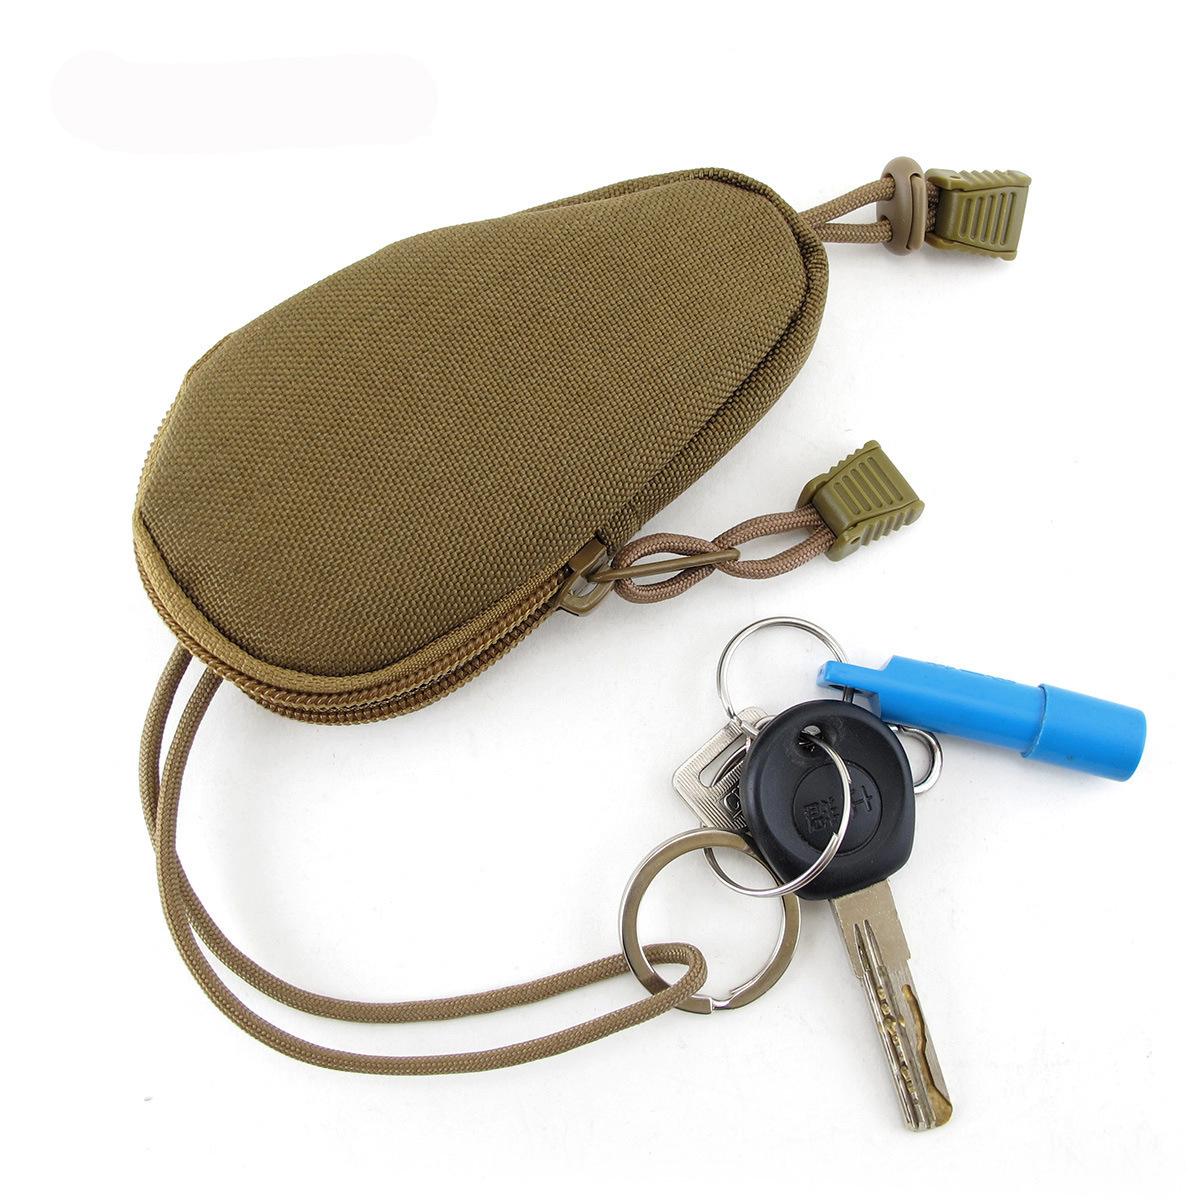 户外特价军迷钥匙包户外EDC工具通勤装备包迷彩战术附件包零